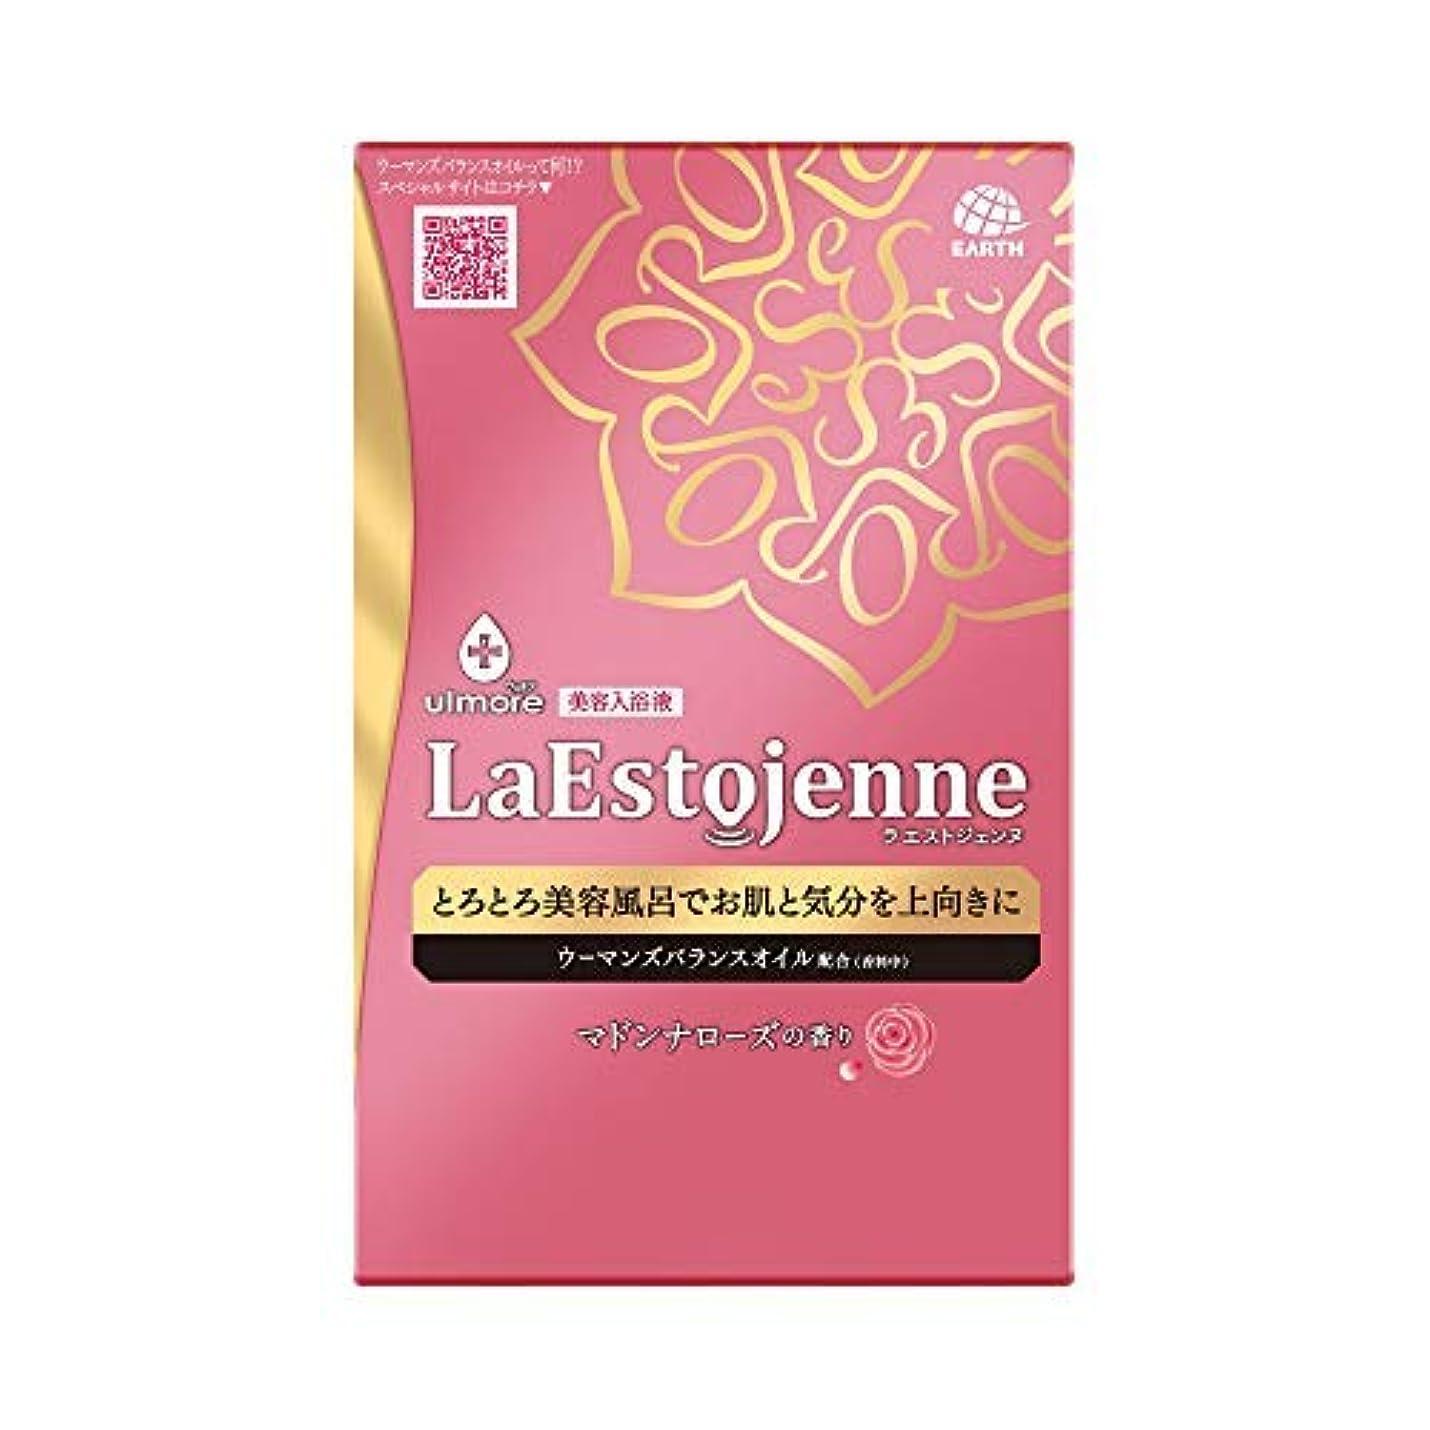 がっかりするスイング恐ろしいウルモア ラエストジェンヌ マドンナローズの香り 3包入り × 3個セット